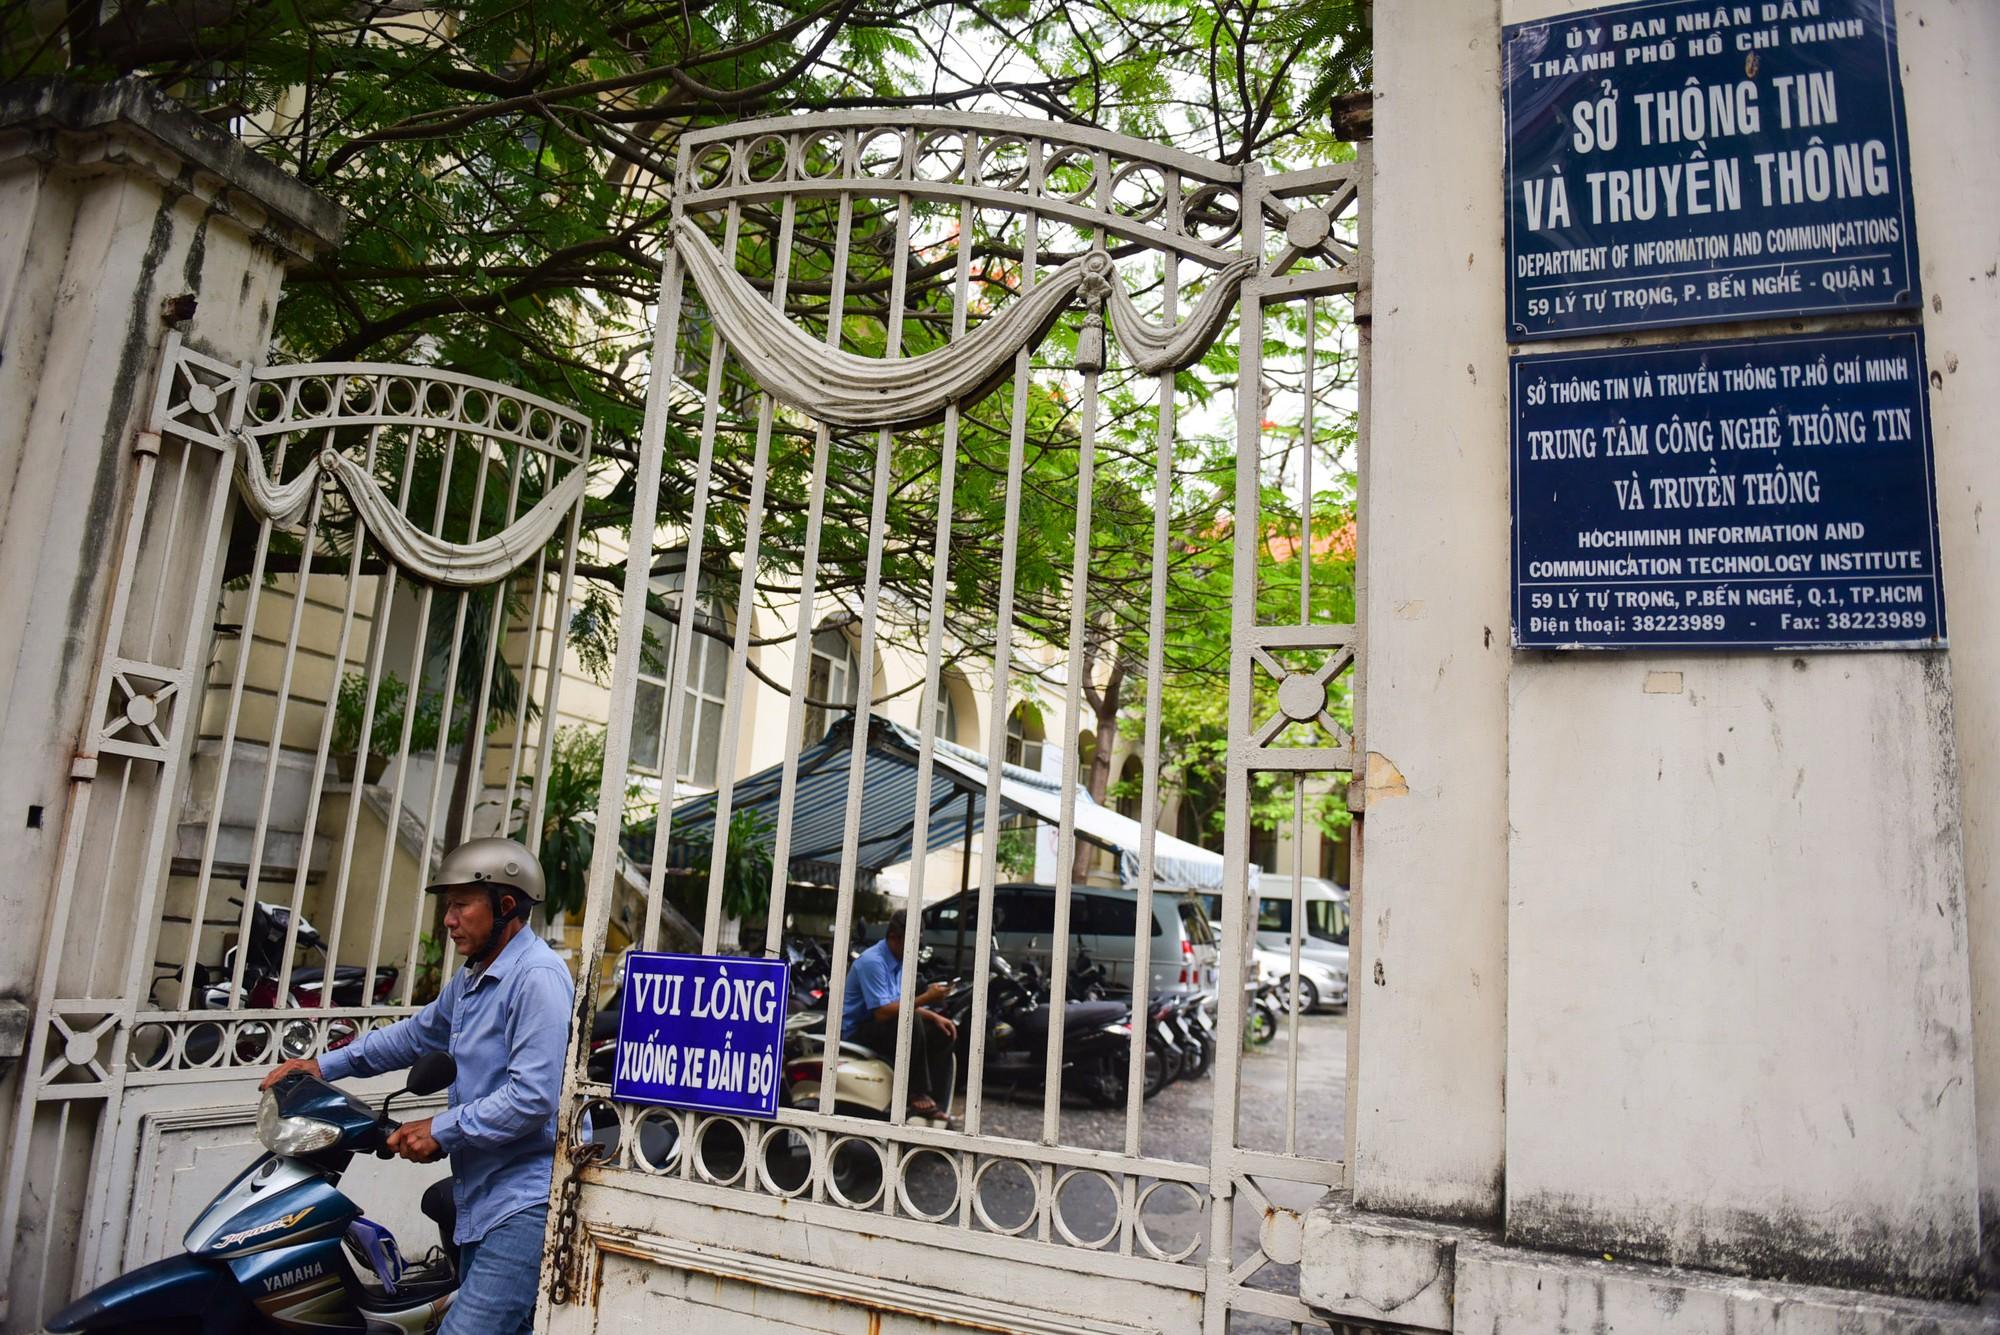 Cận cảnh dinh Thượng Thơ 120 năm tuổi ở Sài Gòn có nguy cơ bị đập bỏ - Ảnh 15.